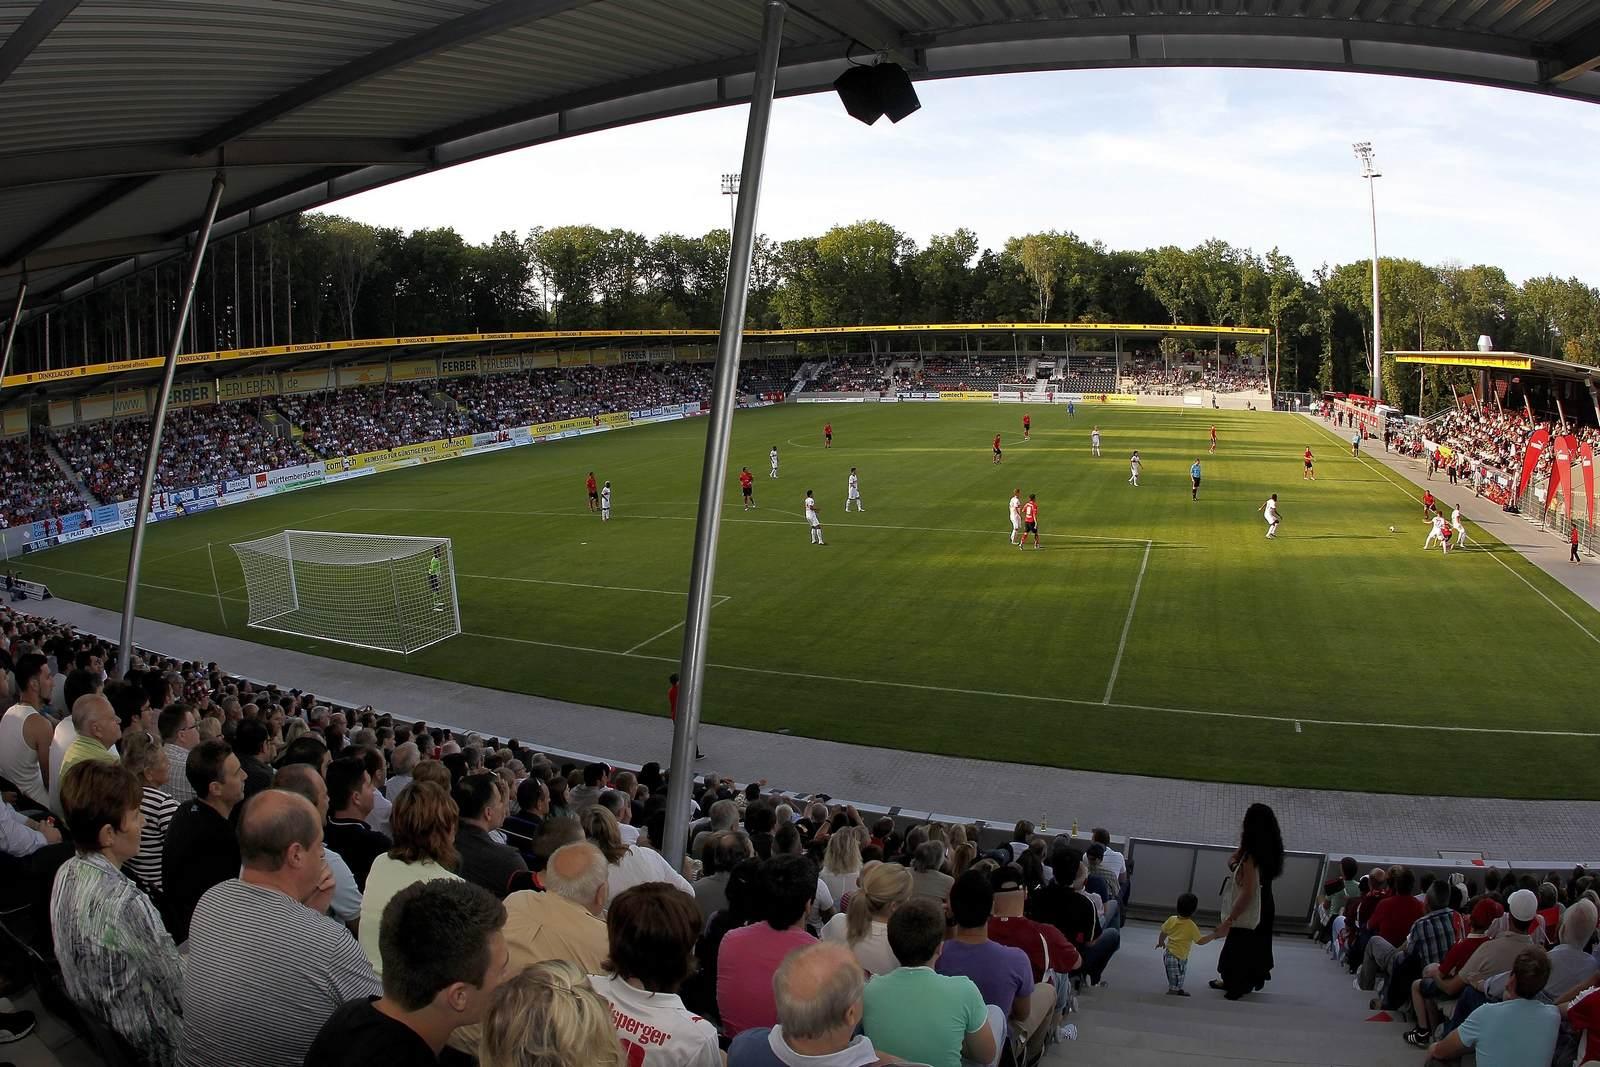 Die SG Sonnenhof Großaspach trägt ihre Heimspiele in der mechatronik Arena aus.